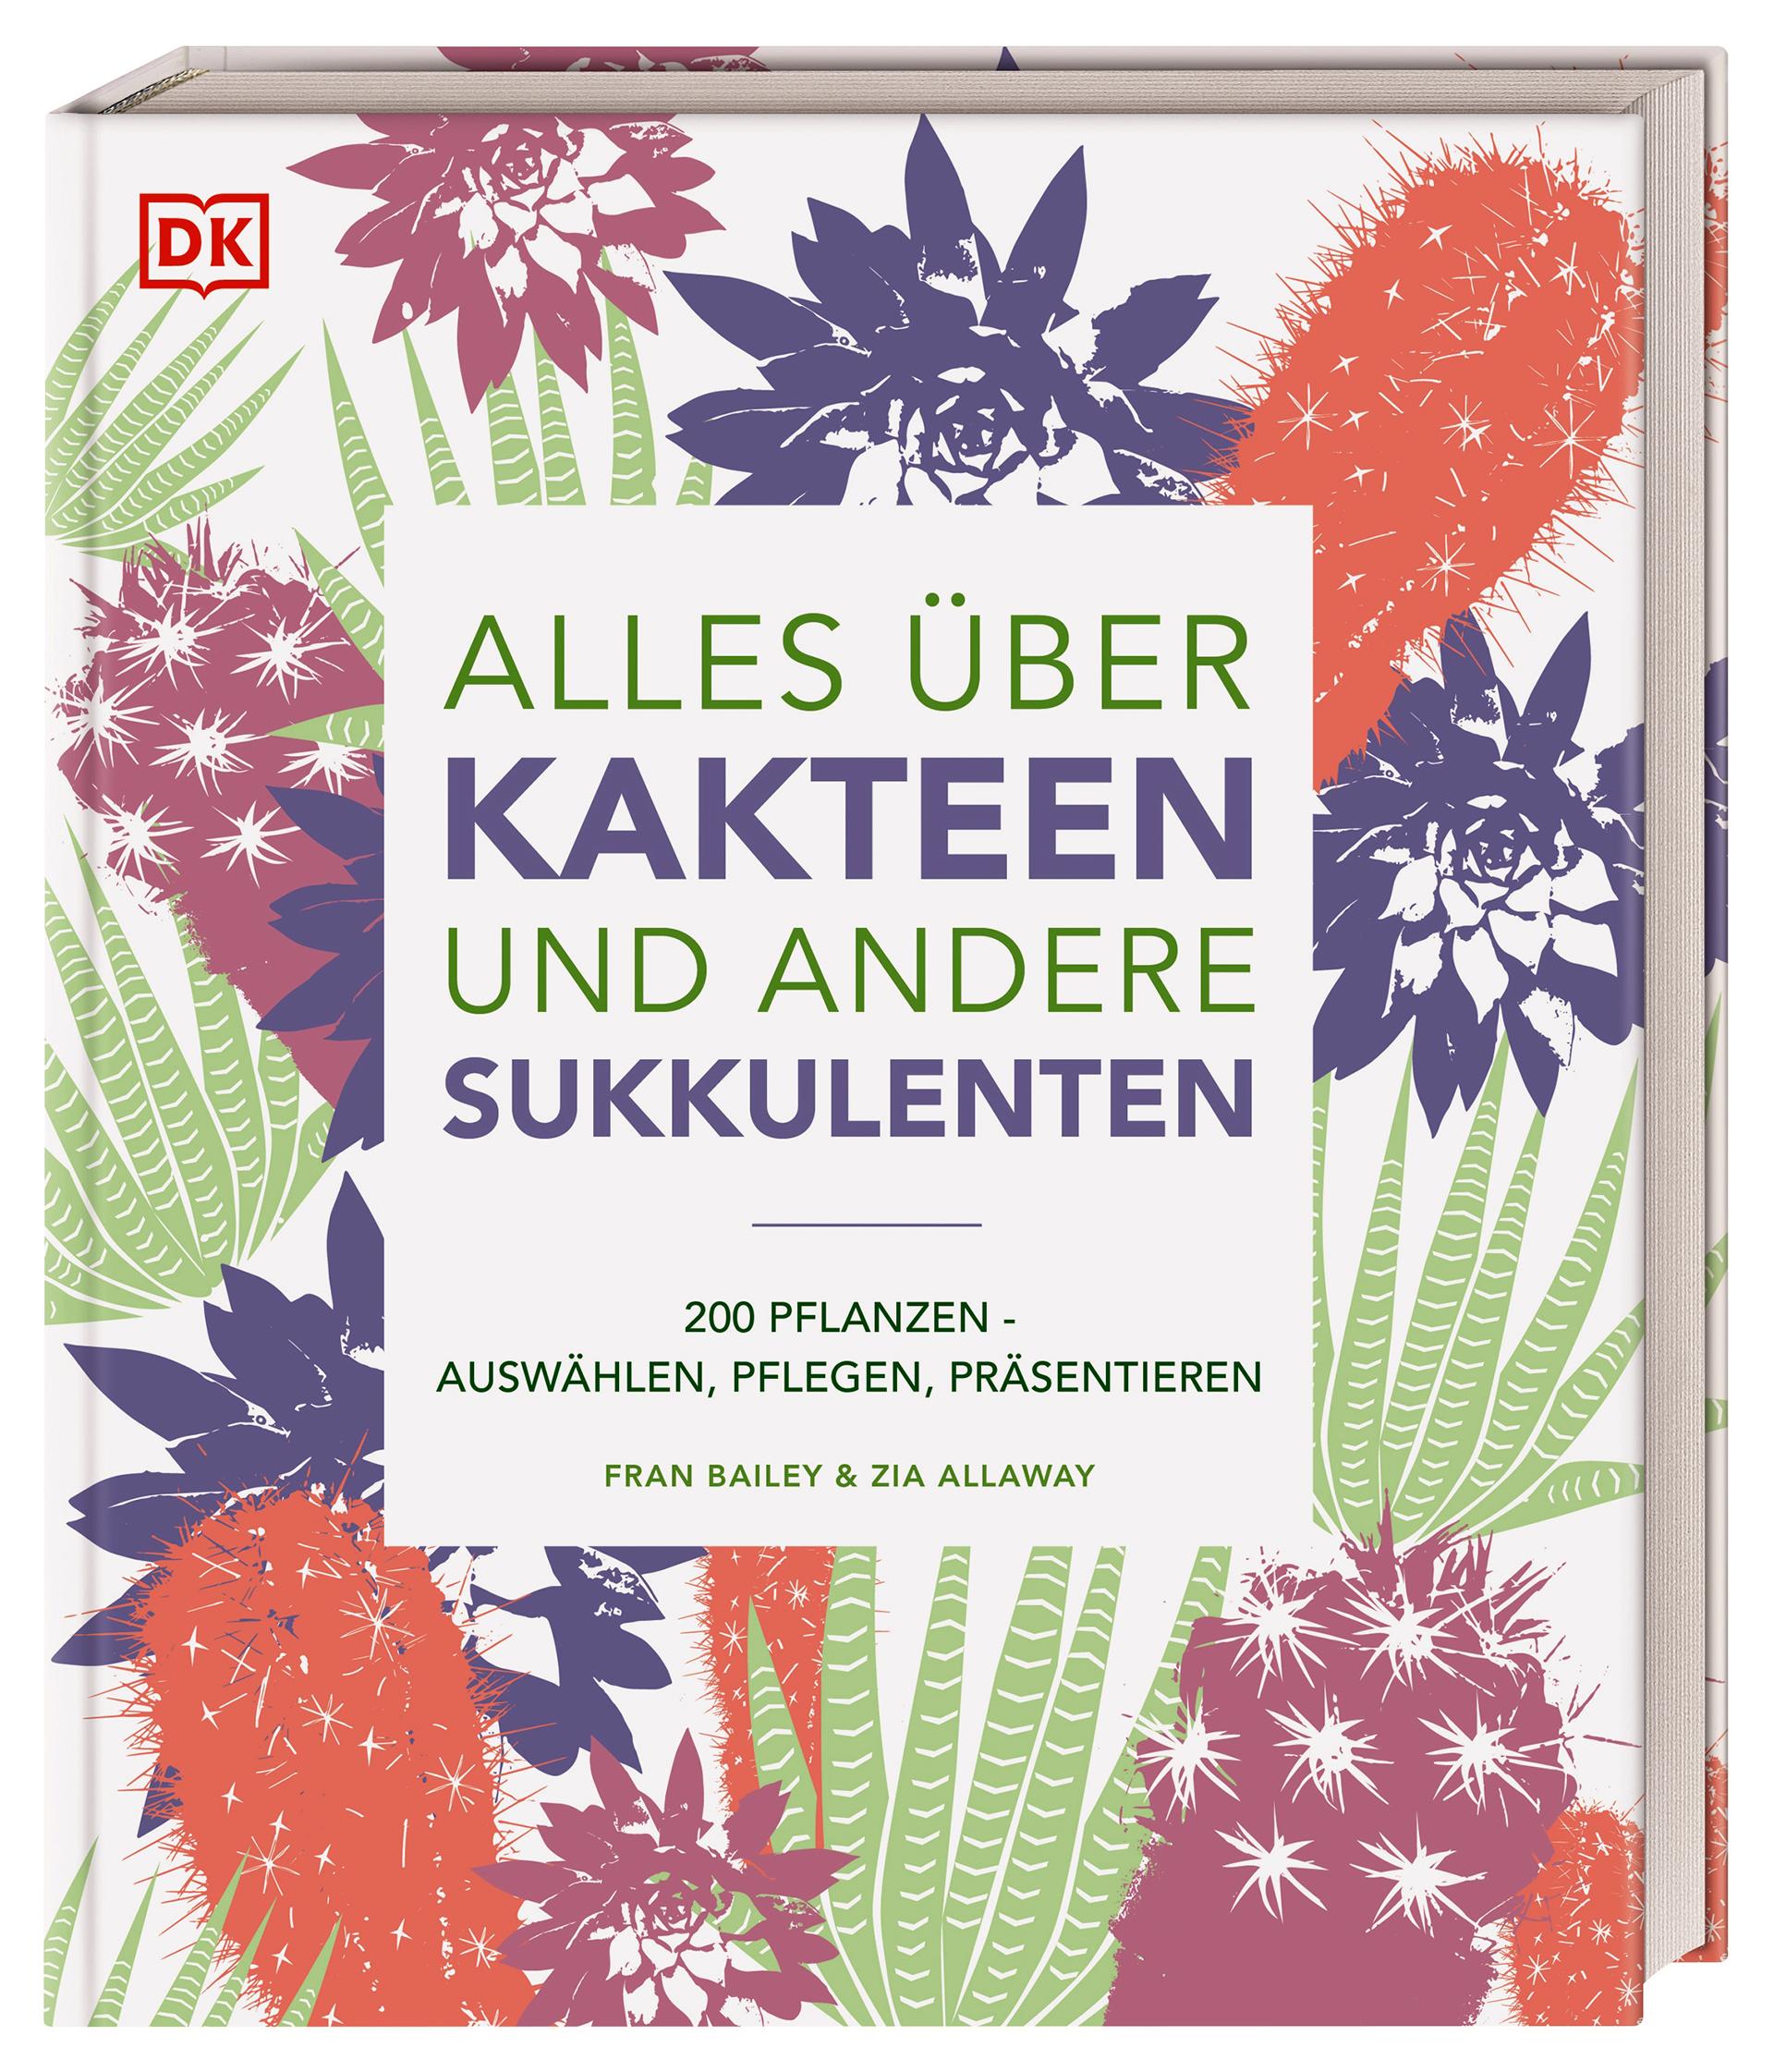 Alles über Kakteen und andere Sukkulenten. 200 Pflanzen: Auswählen, Pflegen, Präsentieren